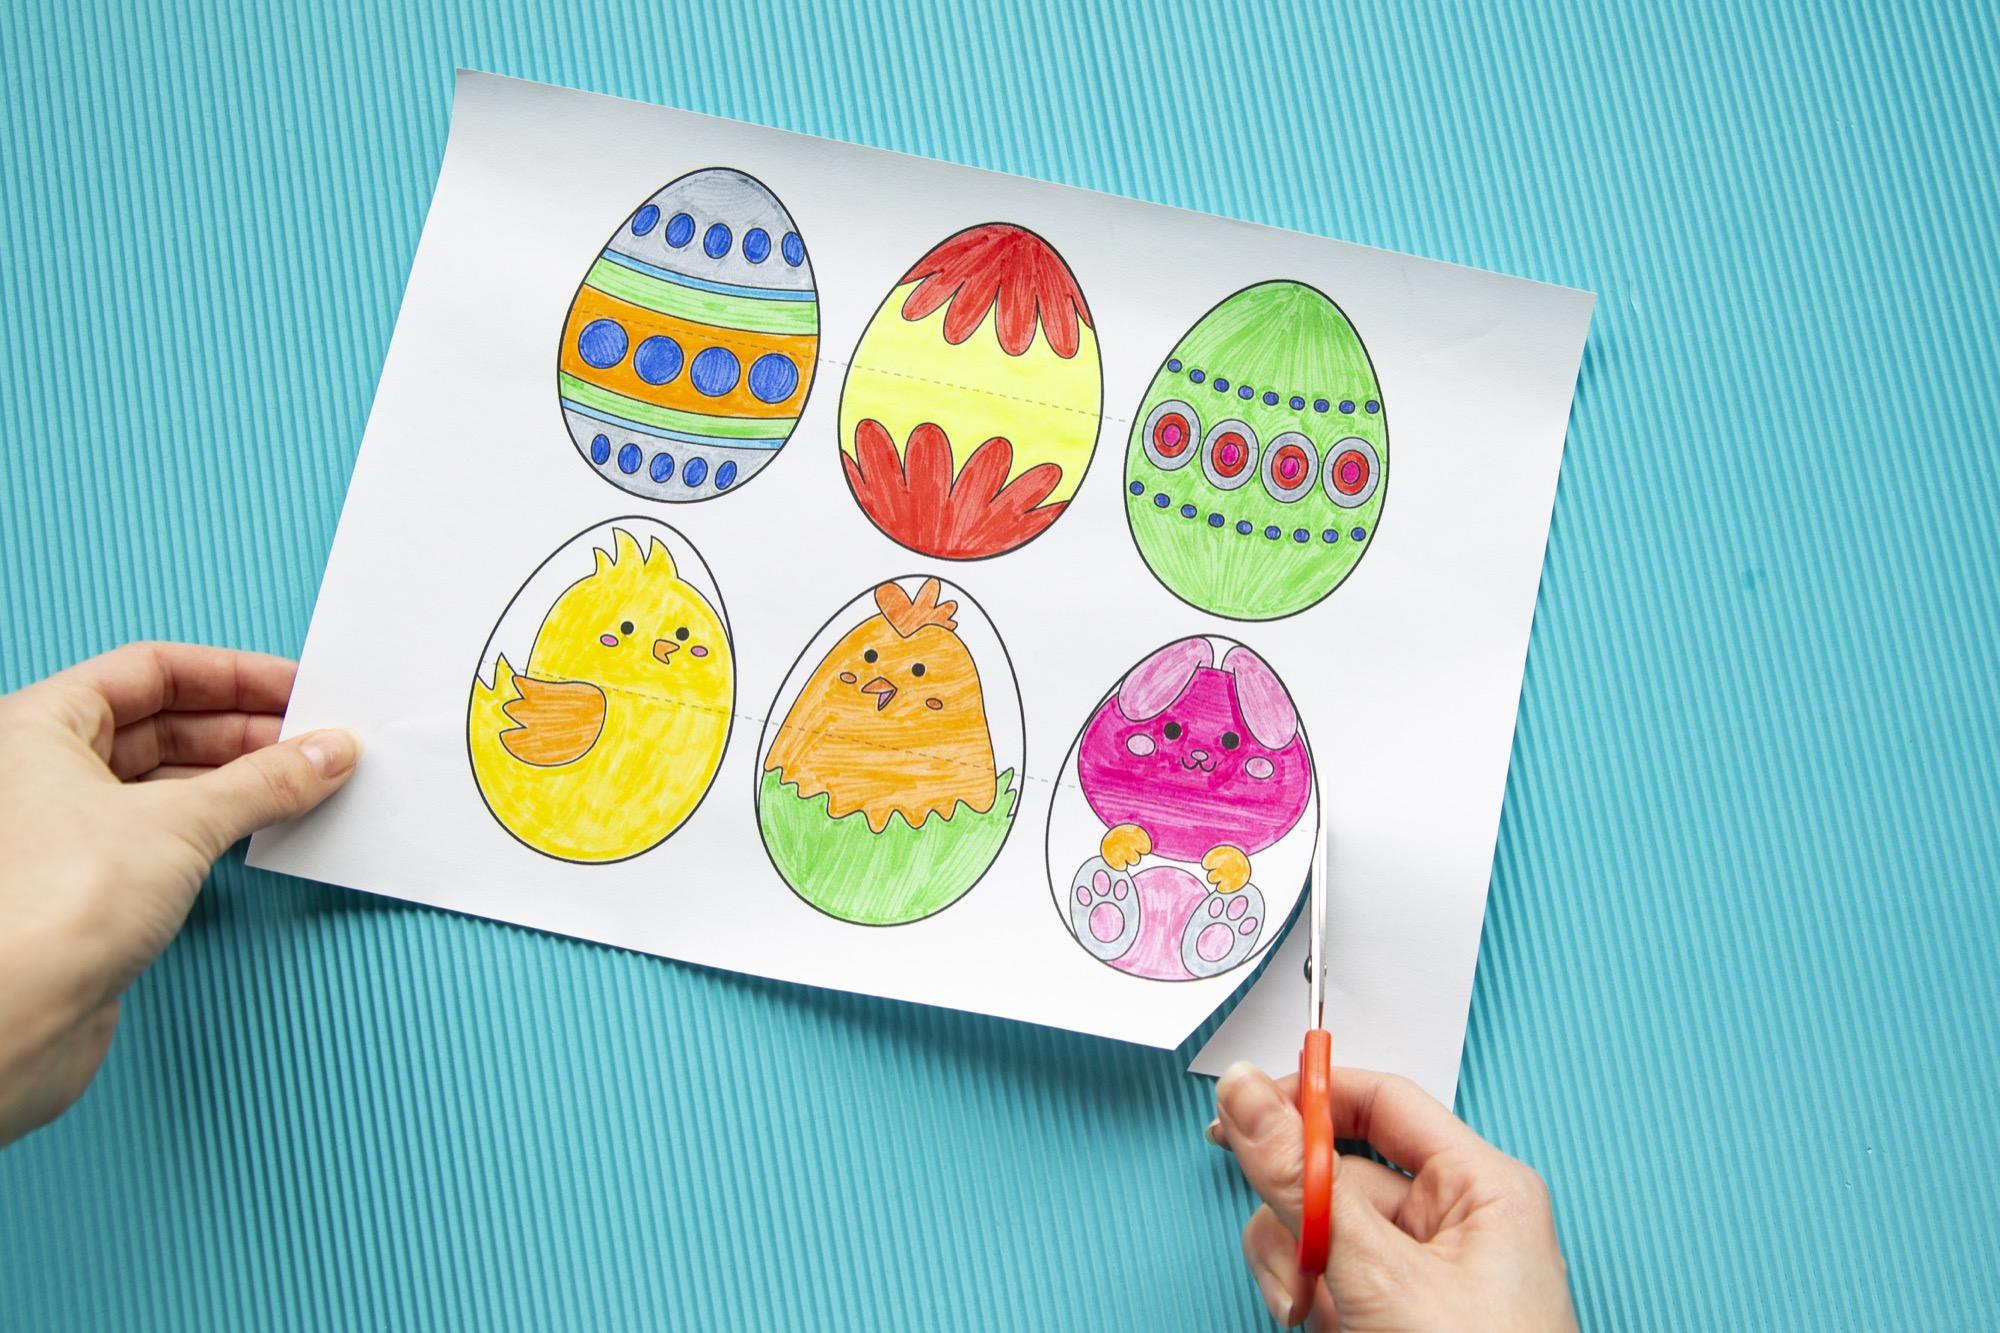 Mon œufs surprise de Pâques - 2